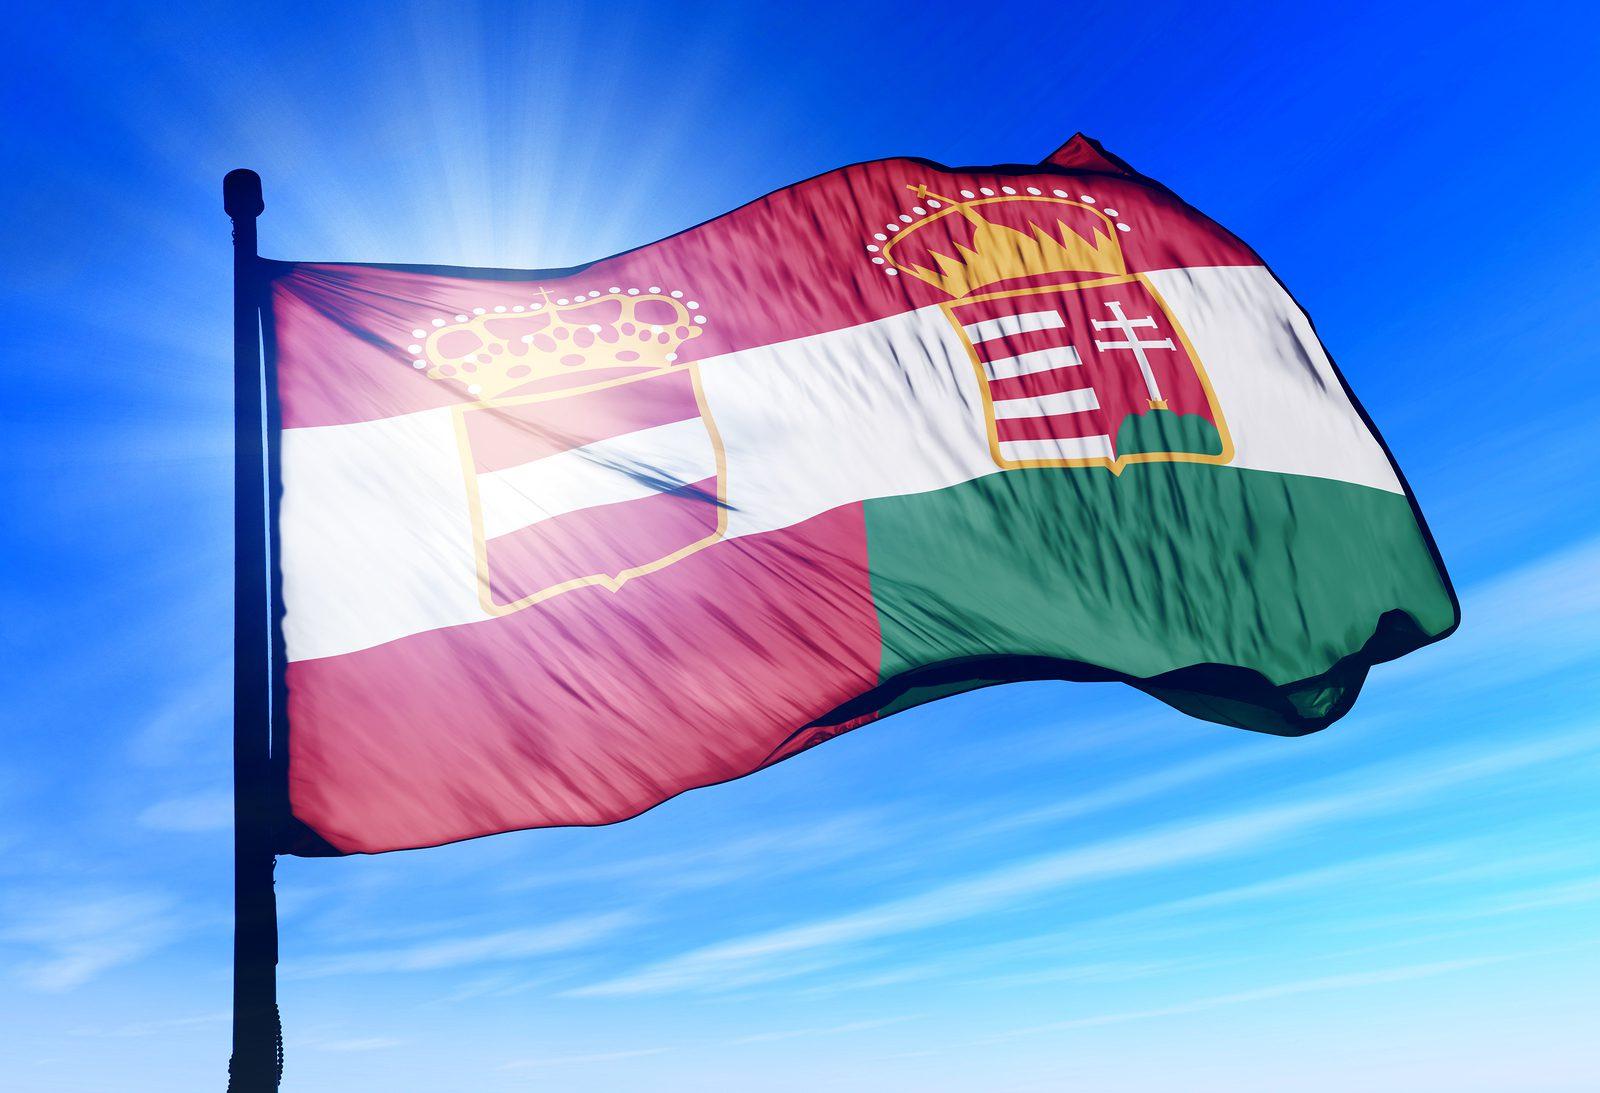 Η συνθήκη του Σεν Ζερμέν και η διάλυση της Αυστροουγγαρίας